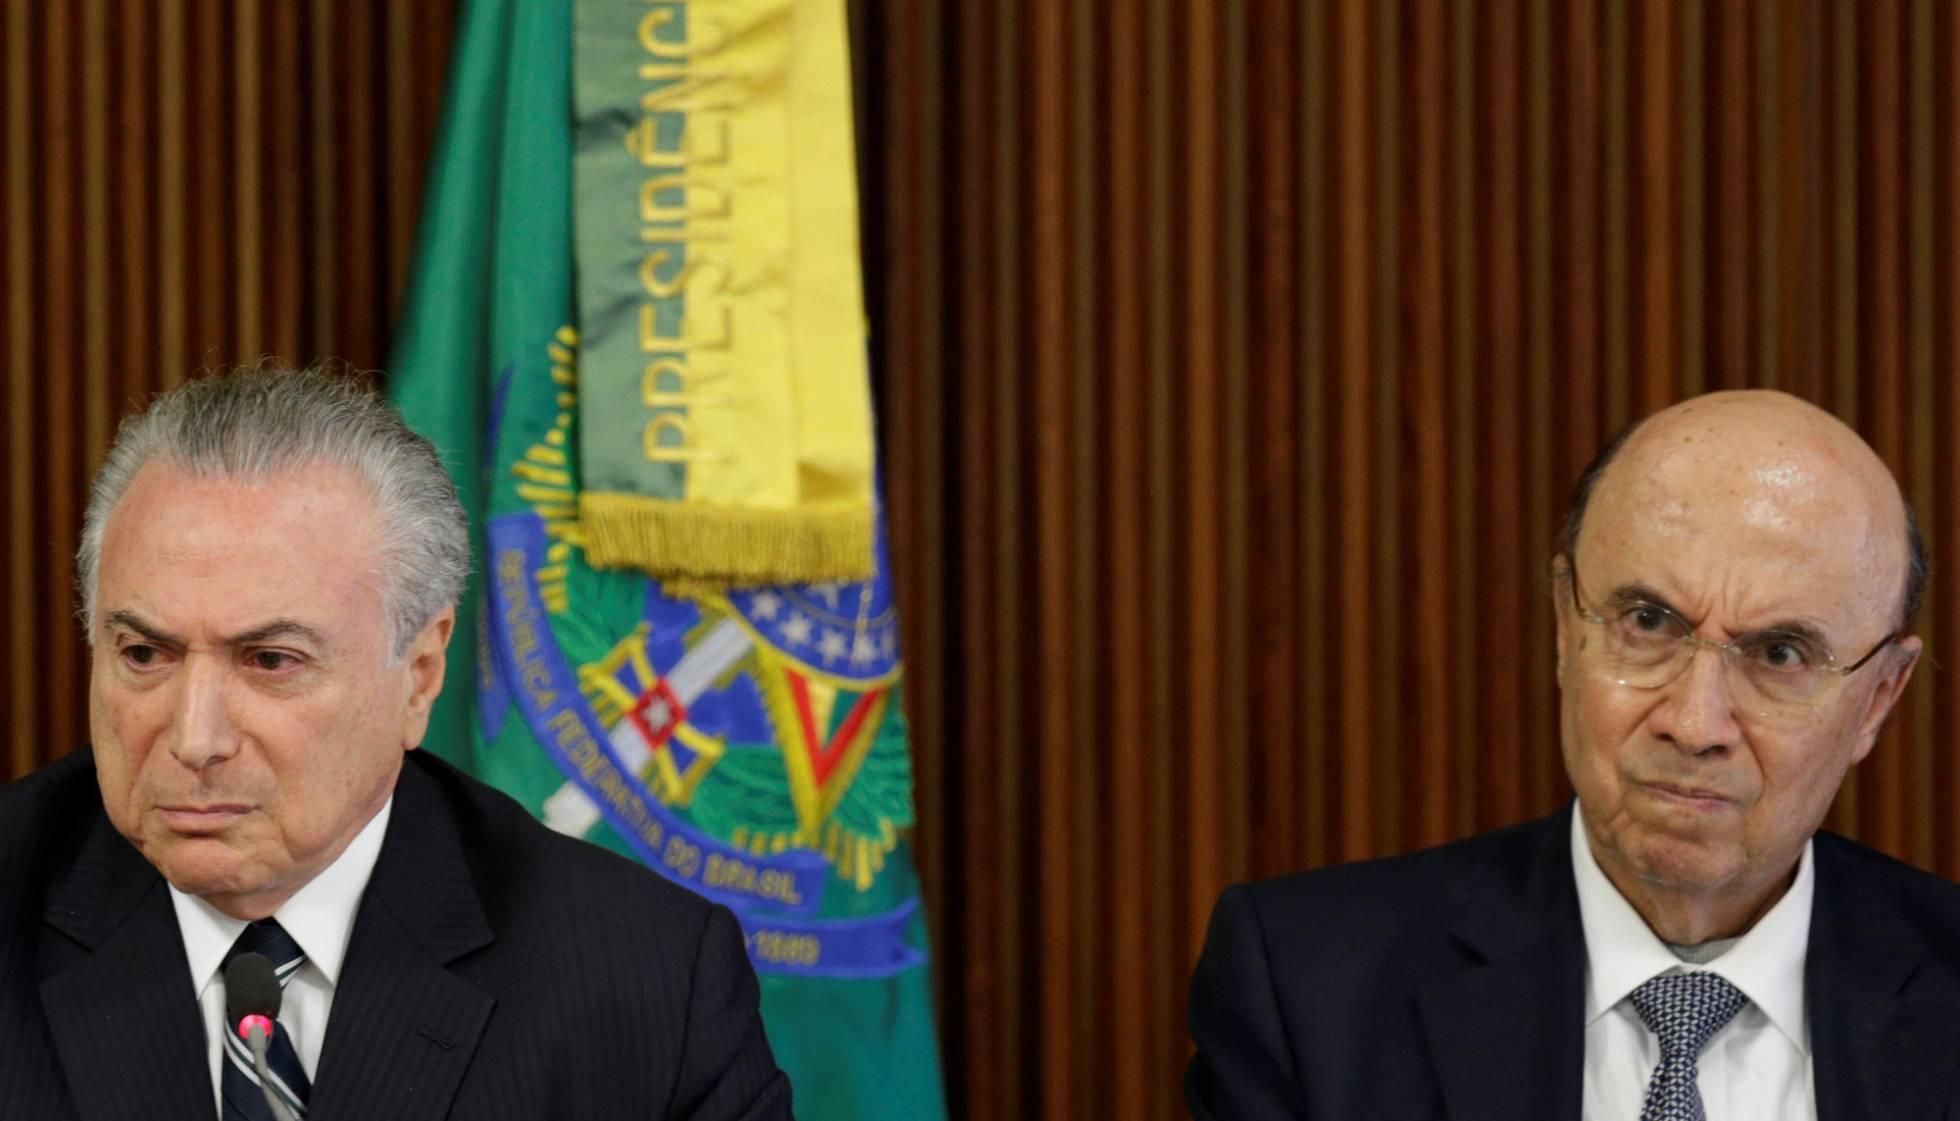 Brasil vive entre a euforia do mercado e a realidade de milhões de desempregados